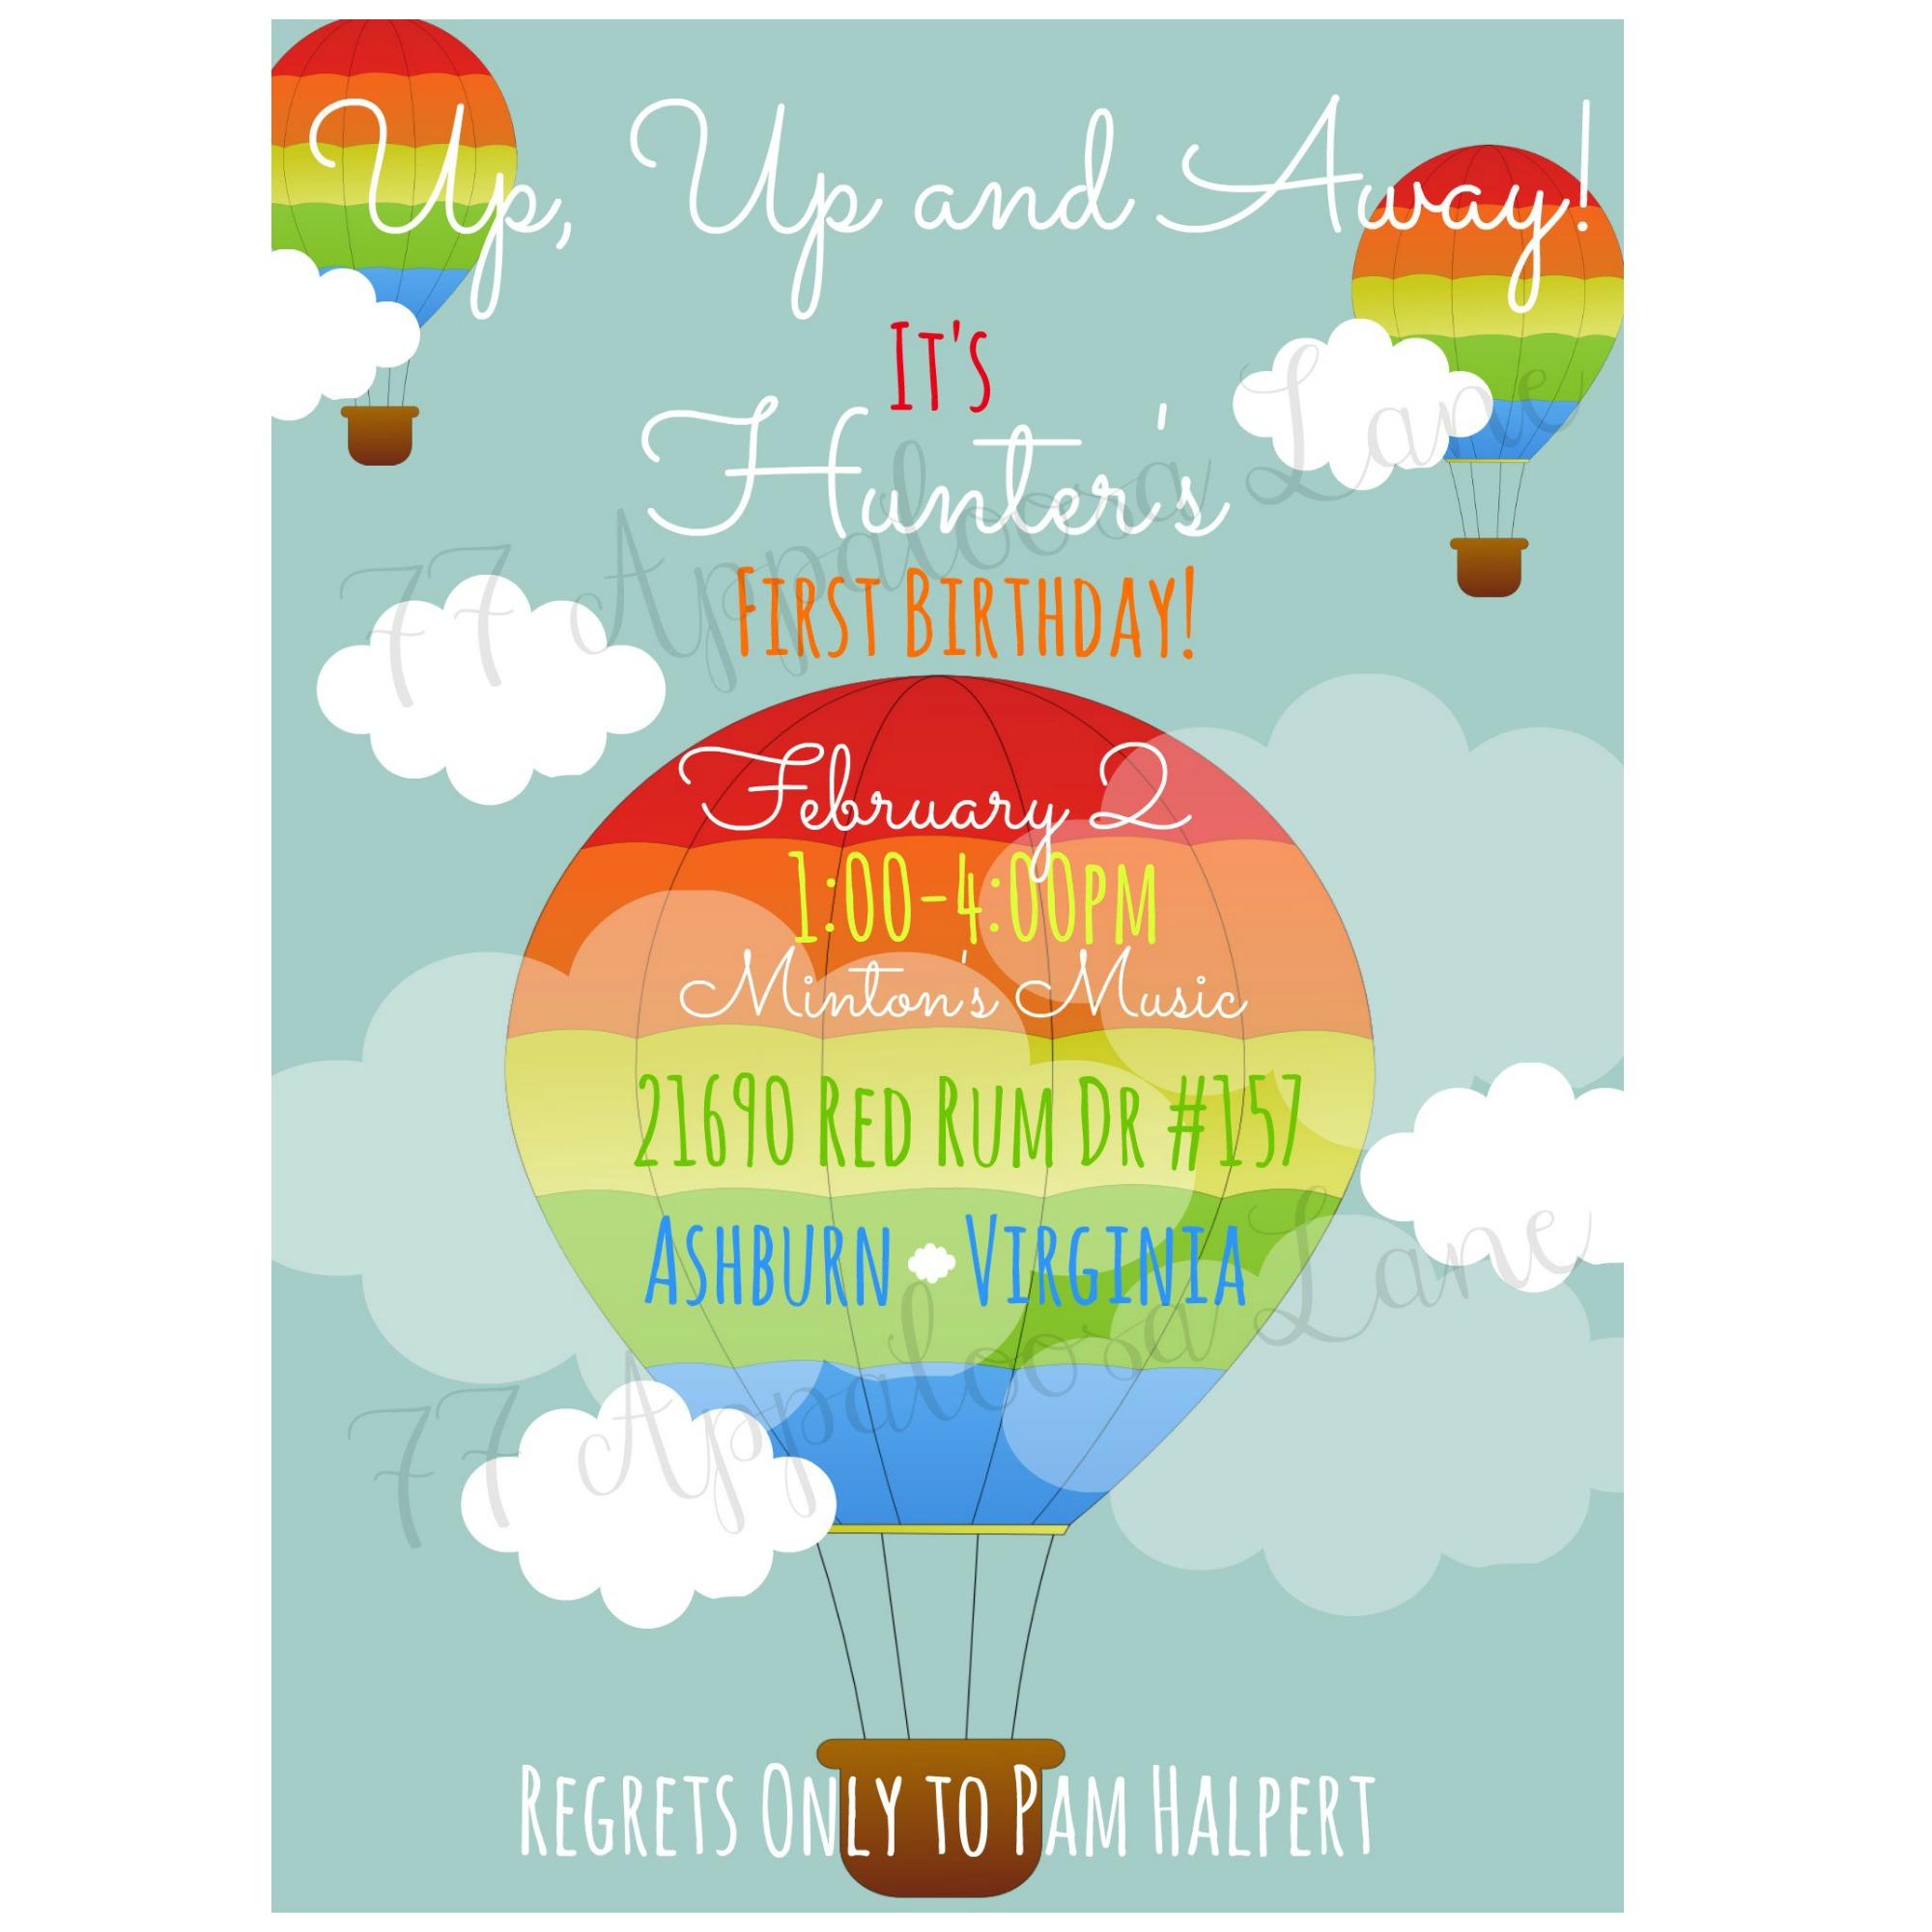 Up up away hot air balloon birthday invitation on storenvy birthdayinvitehotairballoon original filmwisefo